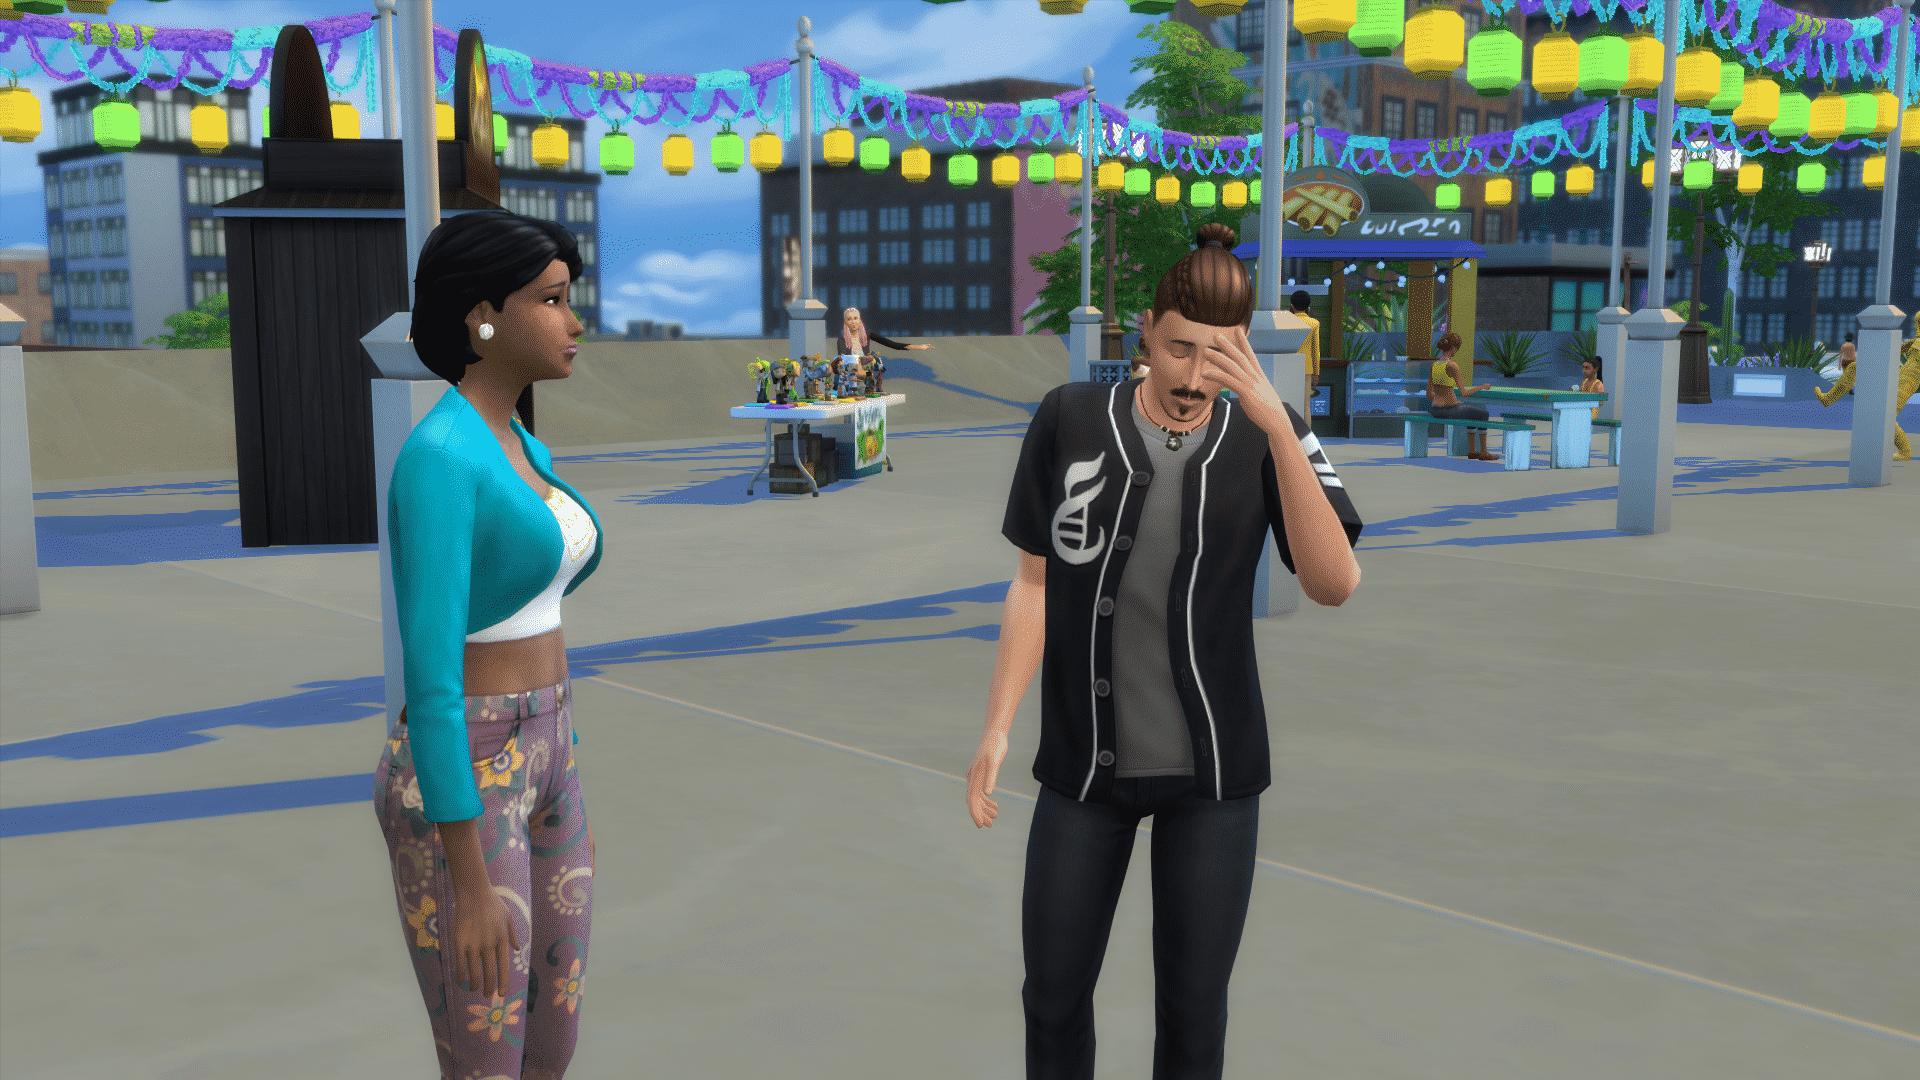 Sims 4 sim fogyás, A The Sims 4 42 legjobb trükkö, kódja és tippe, Sims 4 fogyás